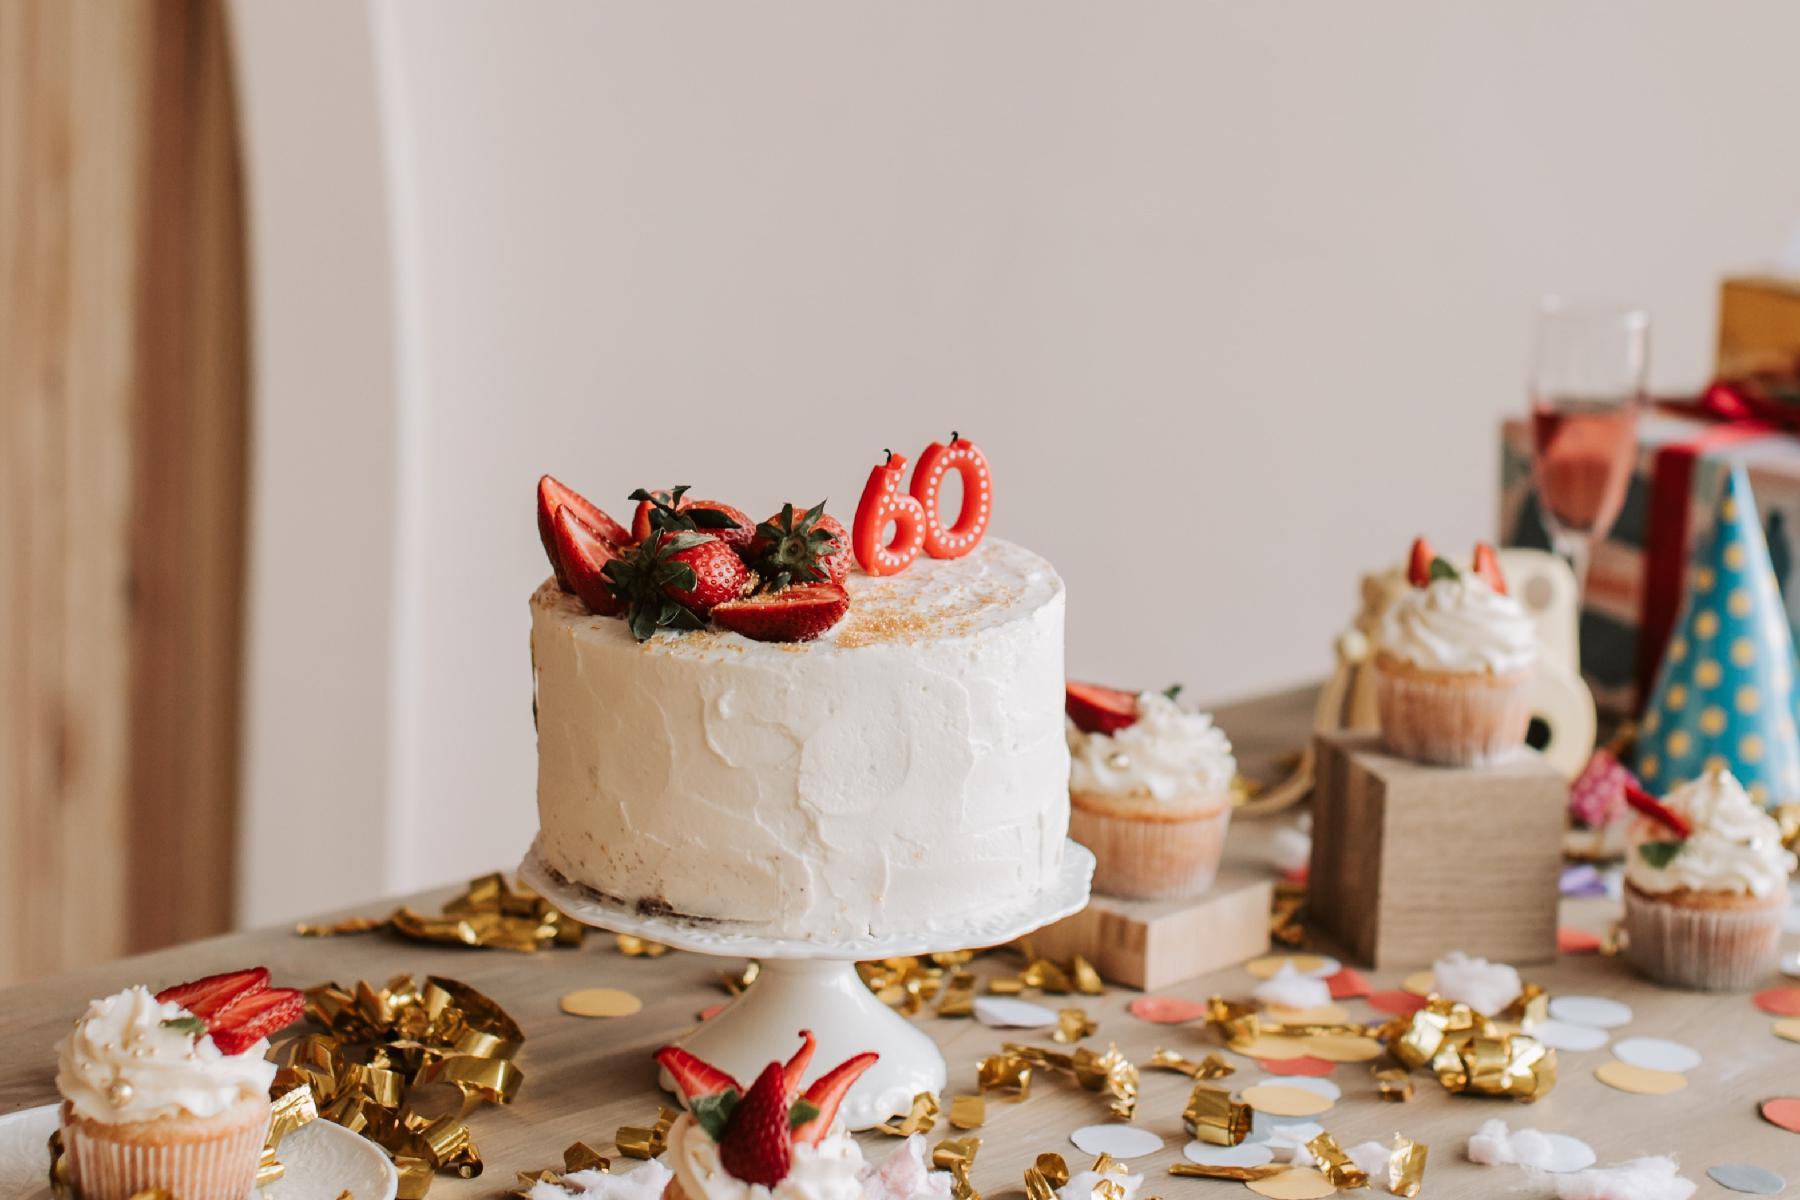 Geburtstagskuchen zum 60. Geburtstag